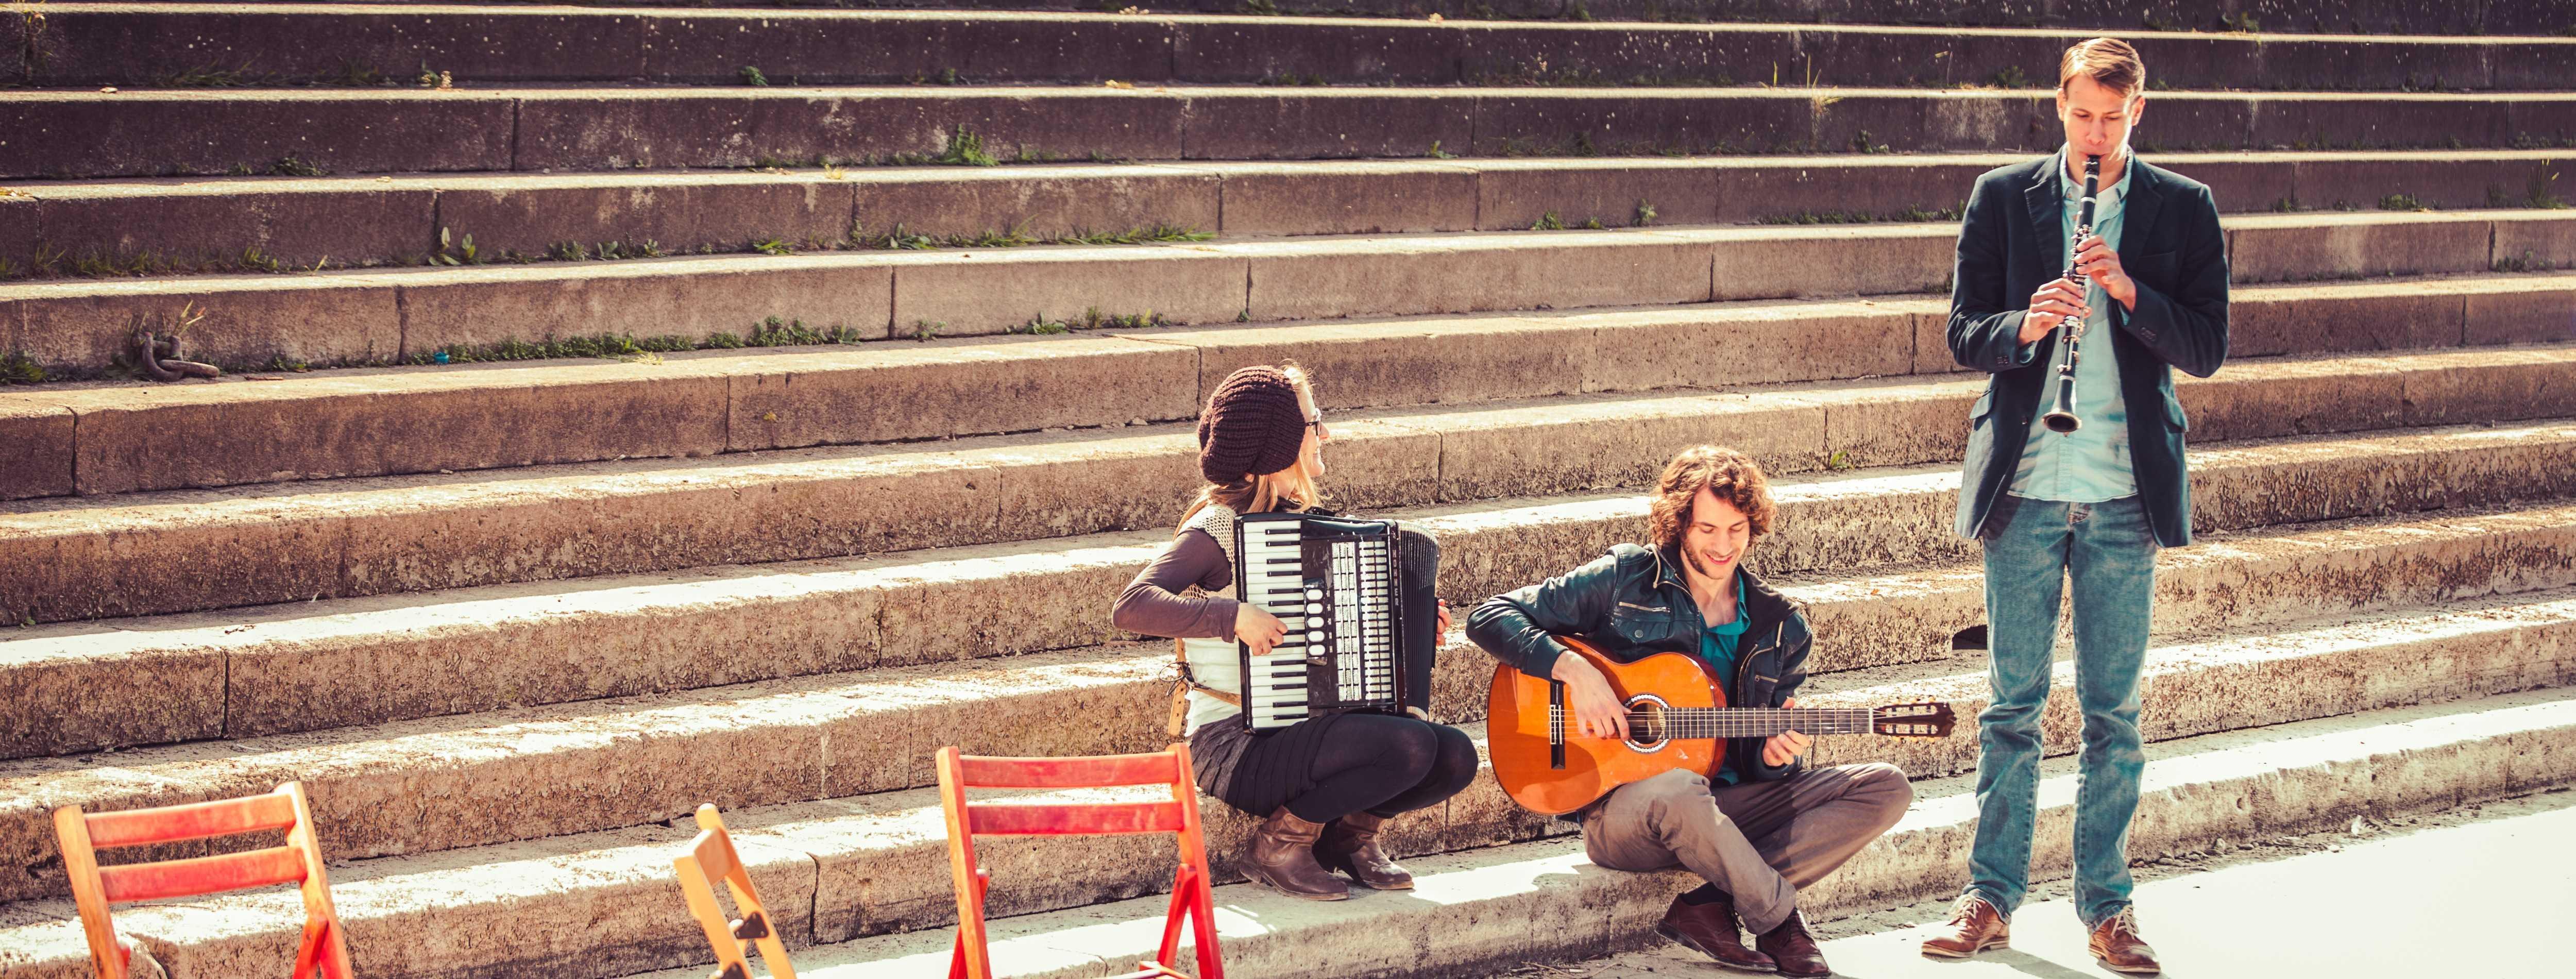 """Unsere CD """"Swingin' Tango"""" ist ab sofort erhältlich!"""